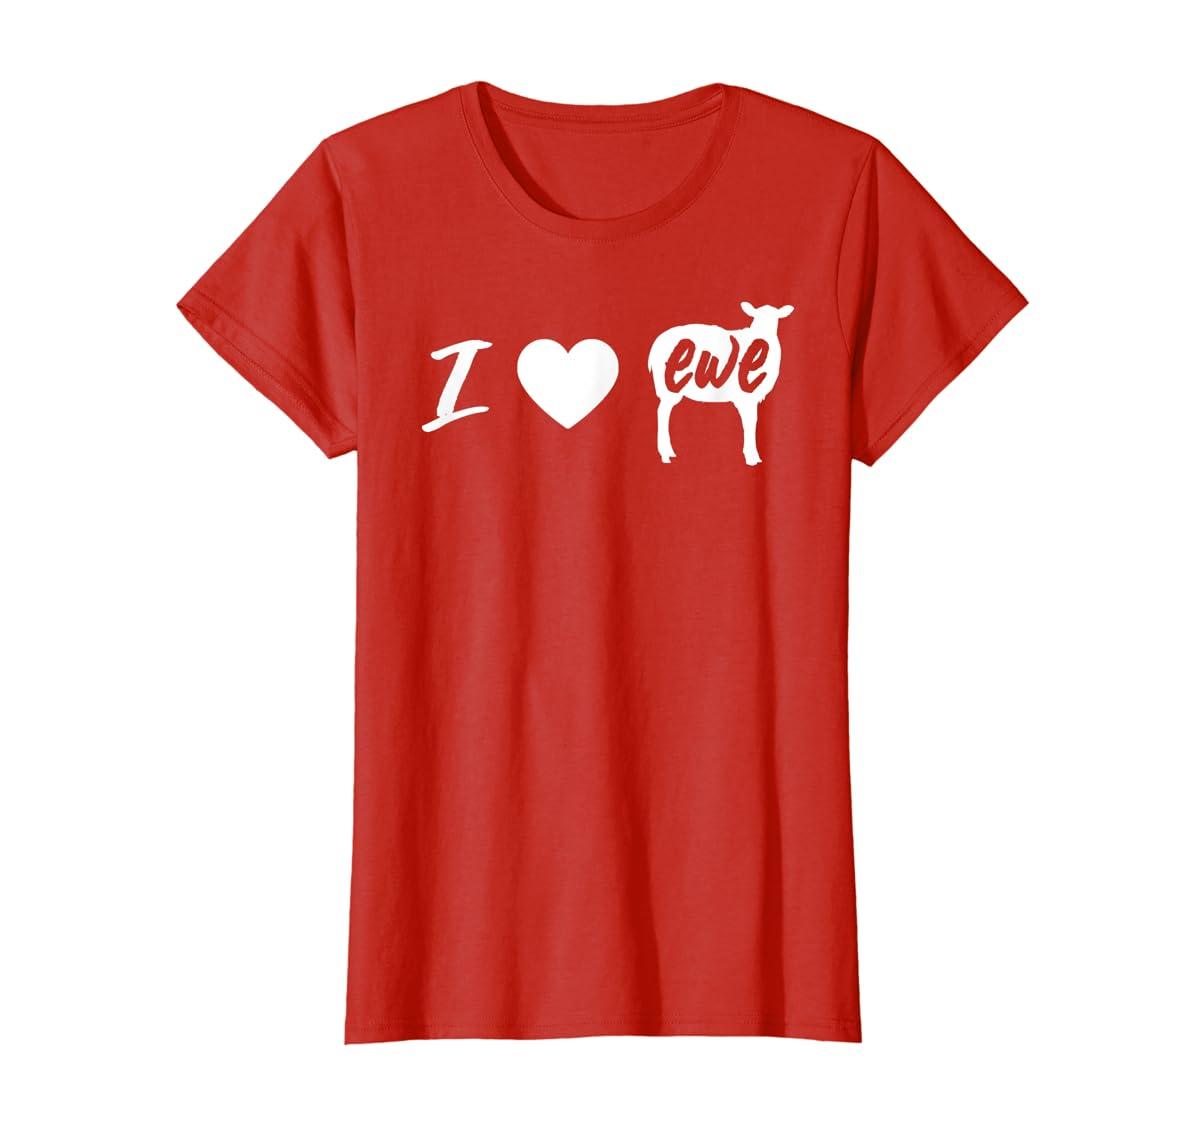 I Love Ewe - I Love You Sheep Pun Shirt-Women's T-Shirt-Red